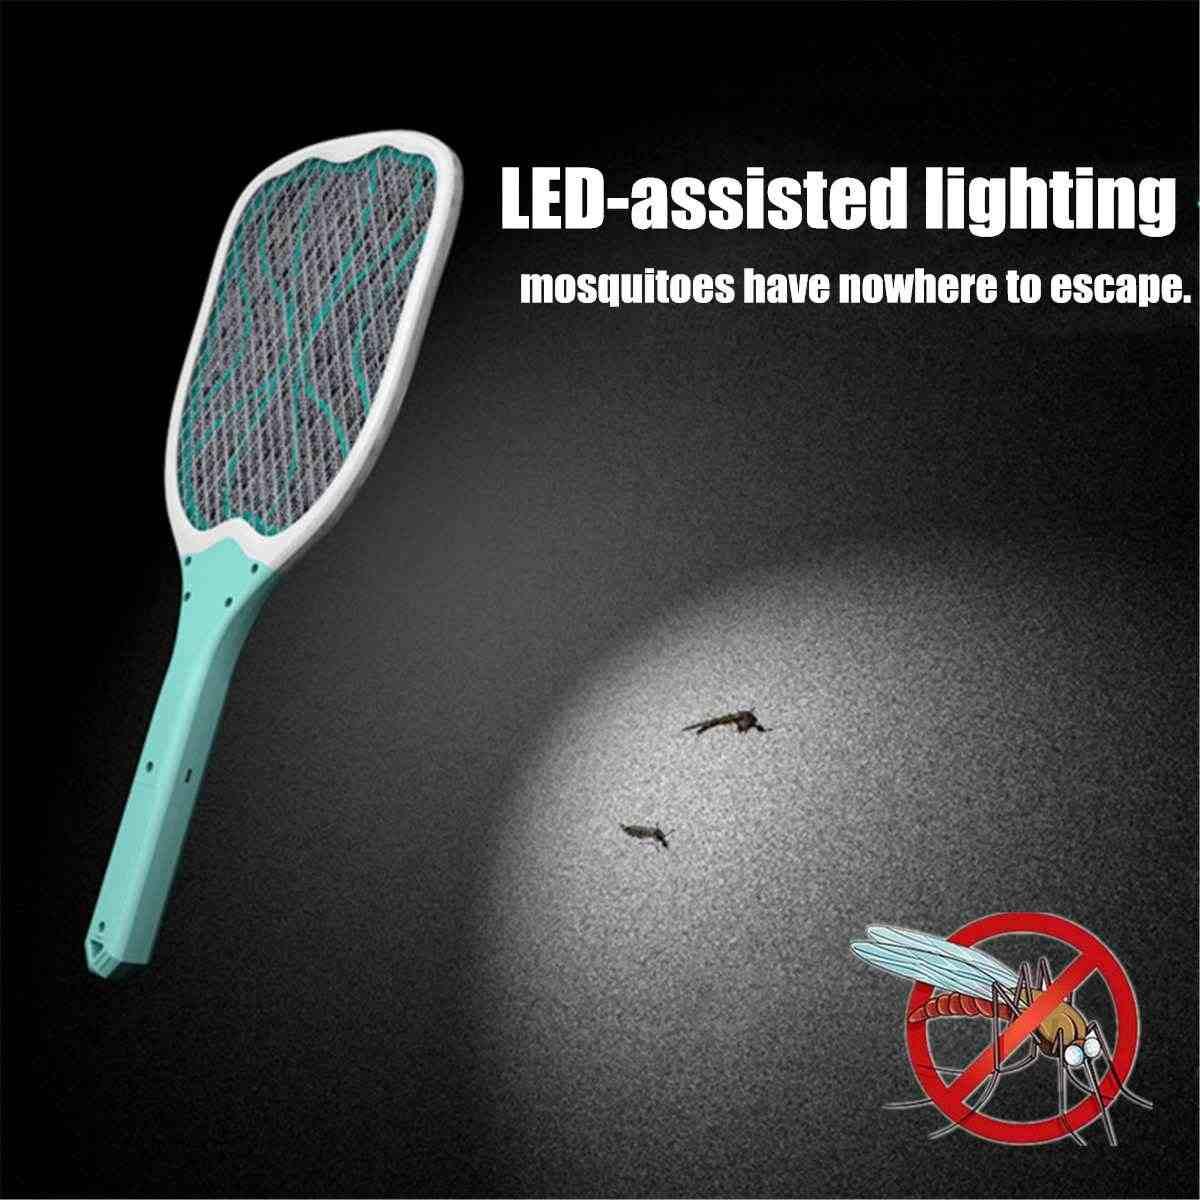 USB akumulator elektryczny Fly packa na komary urządzenie przeciw komarom chroń ludzką łapka na owady ręczny rakieta owady zabójca z LED